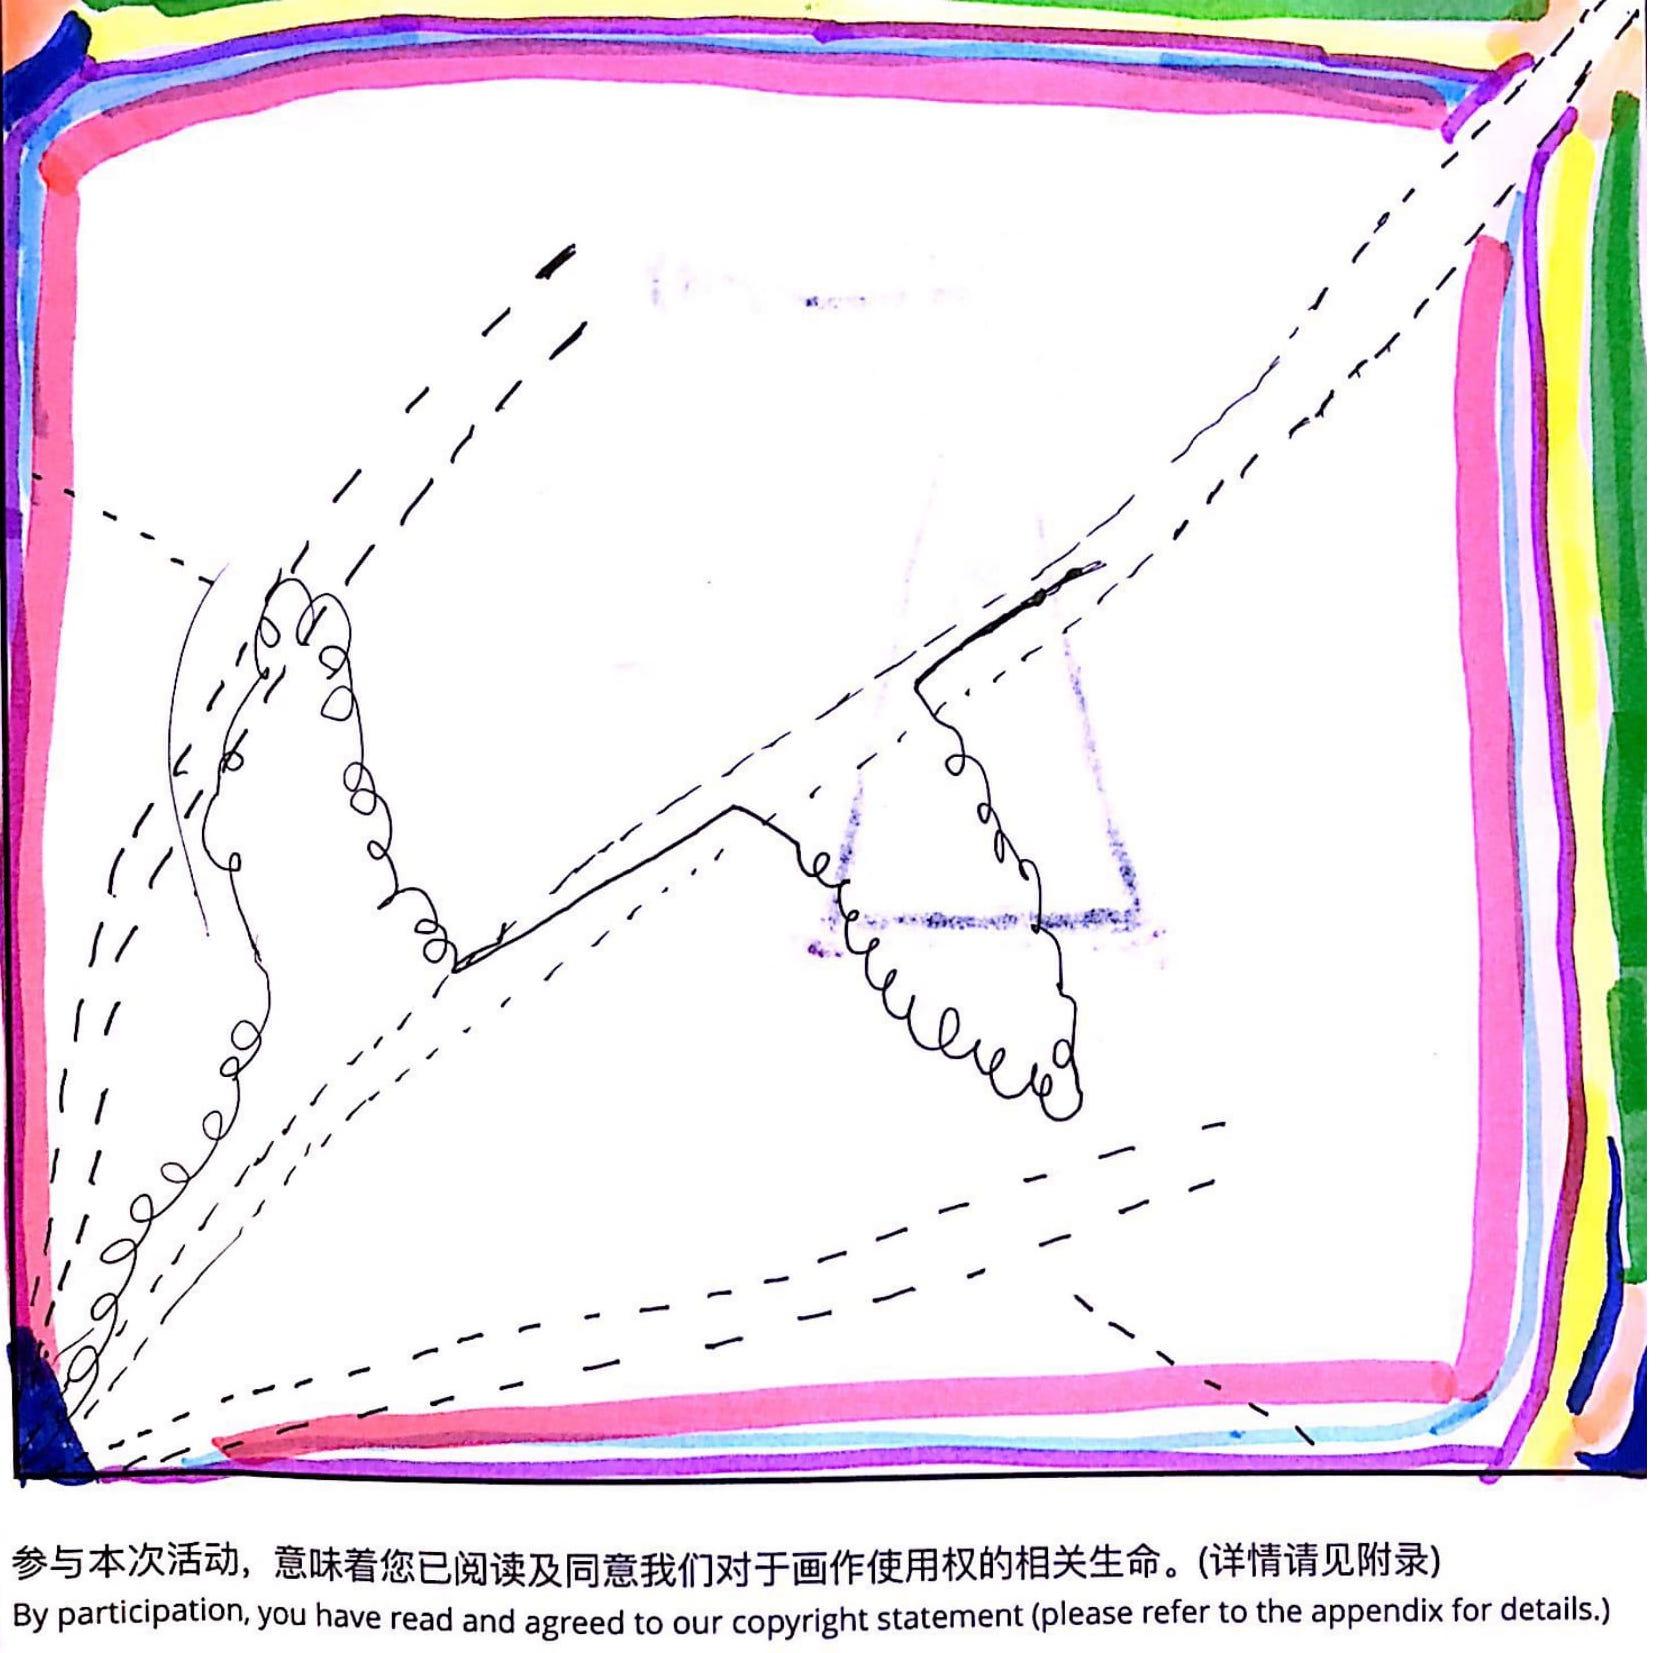 联通50画_20190107210658-20